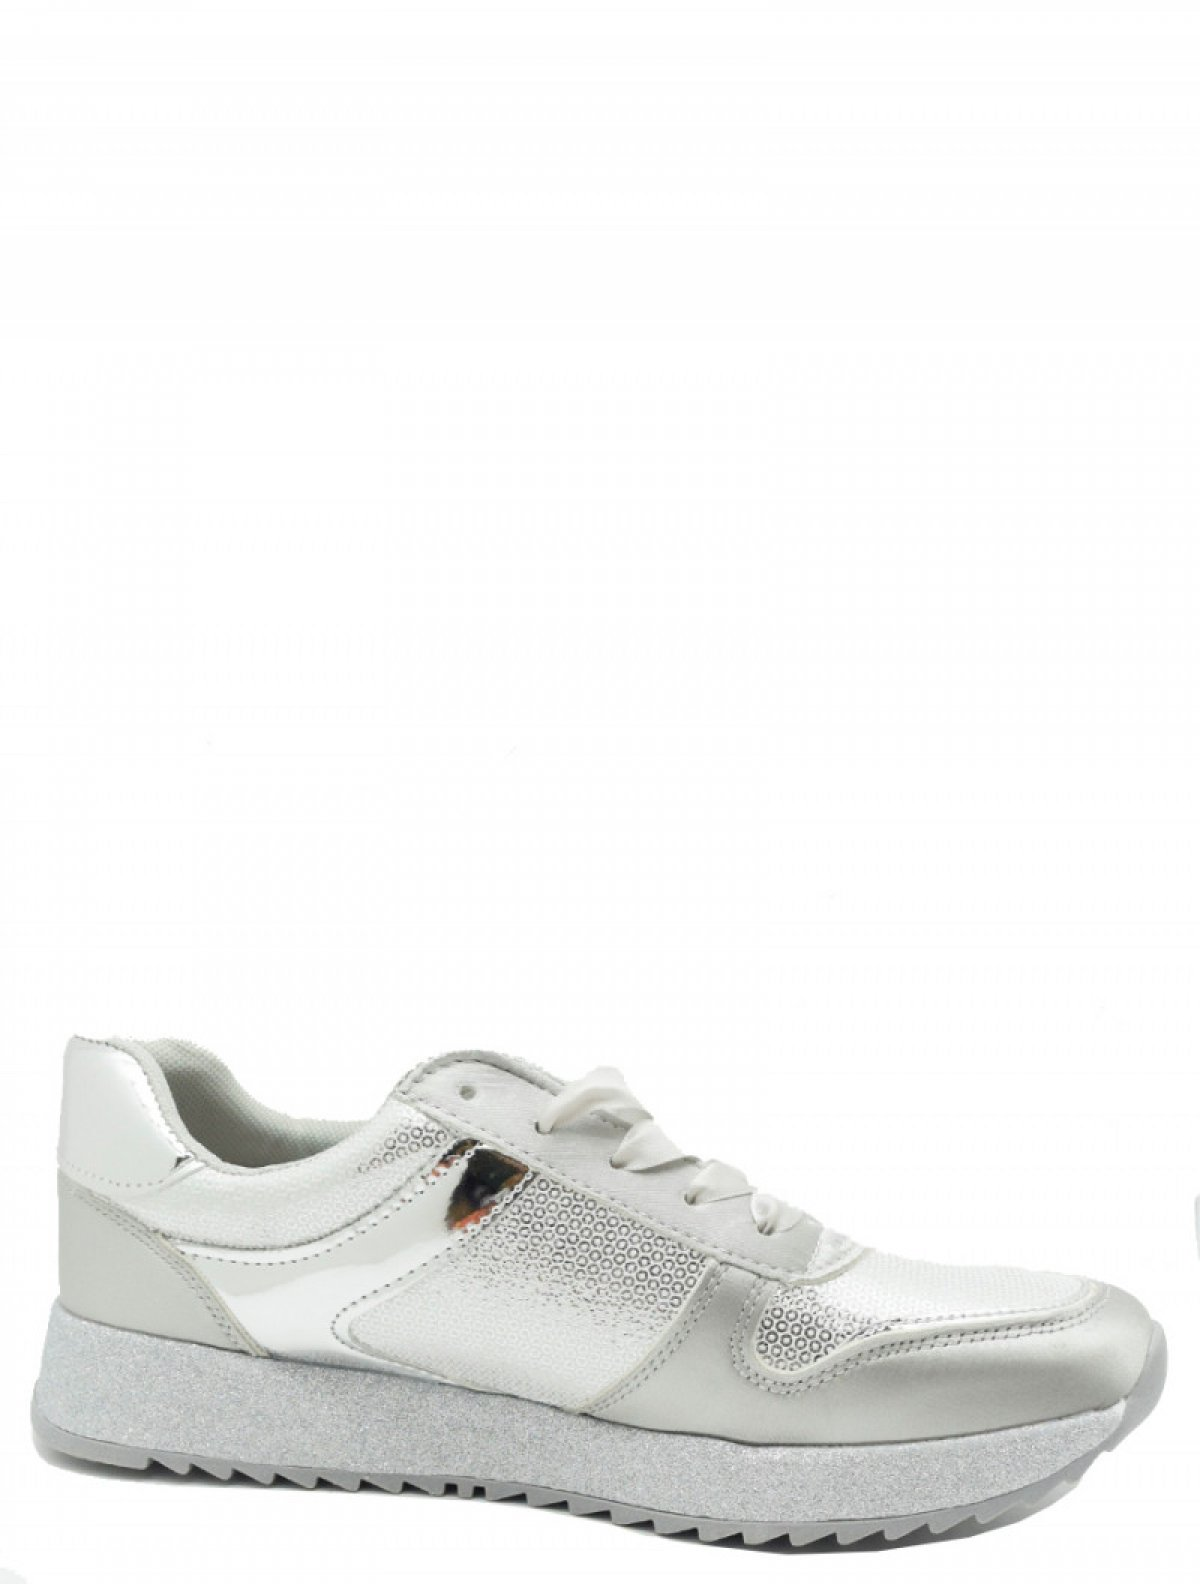 Top Land 2455-PB83574S женские кроссовки